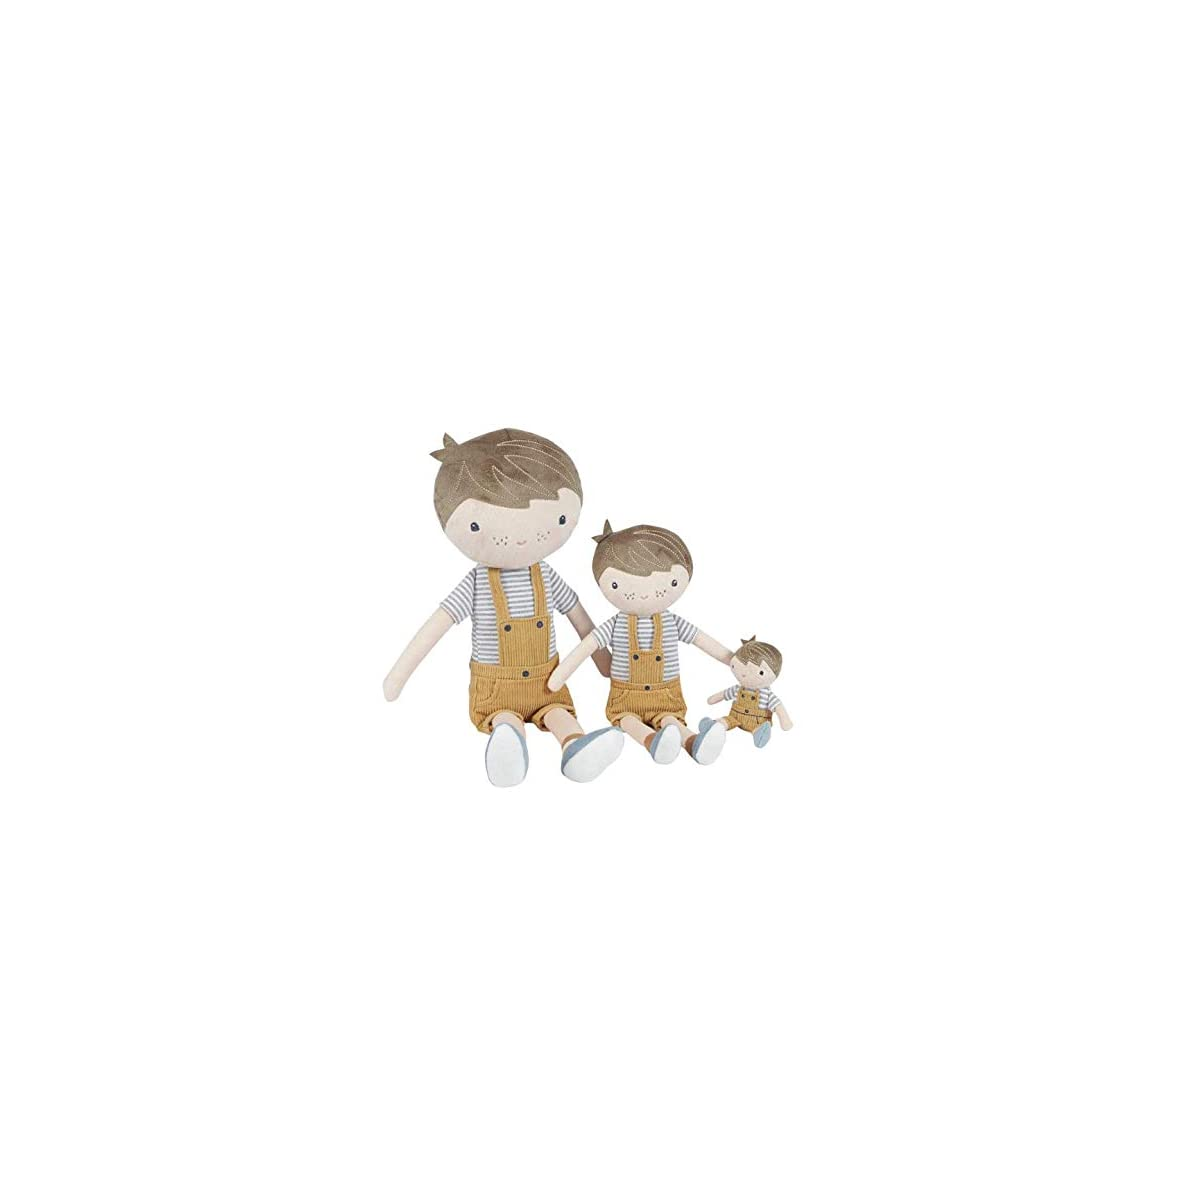 Little-Dutch-LD4524-Muneco-Peluche-Multicolor-4524